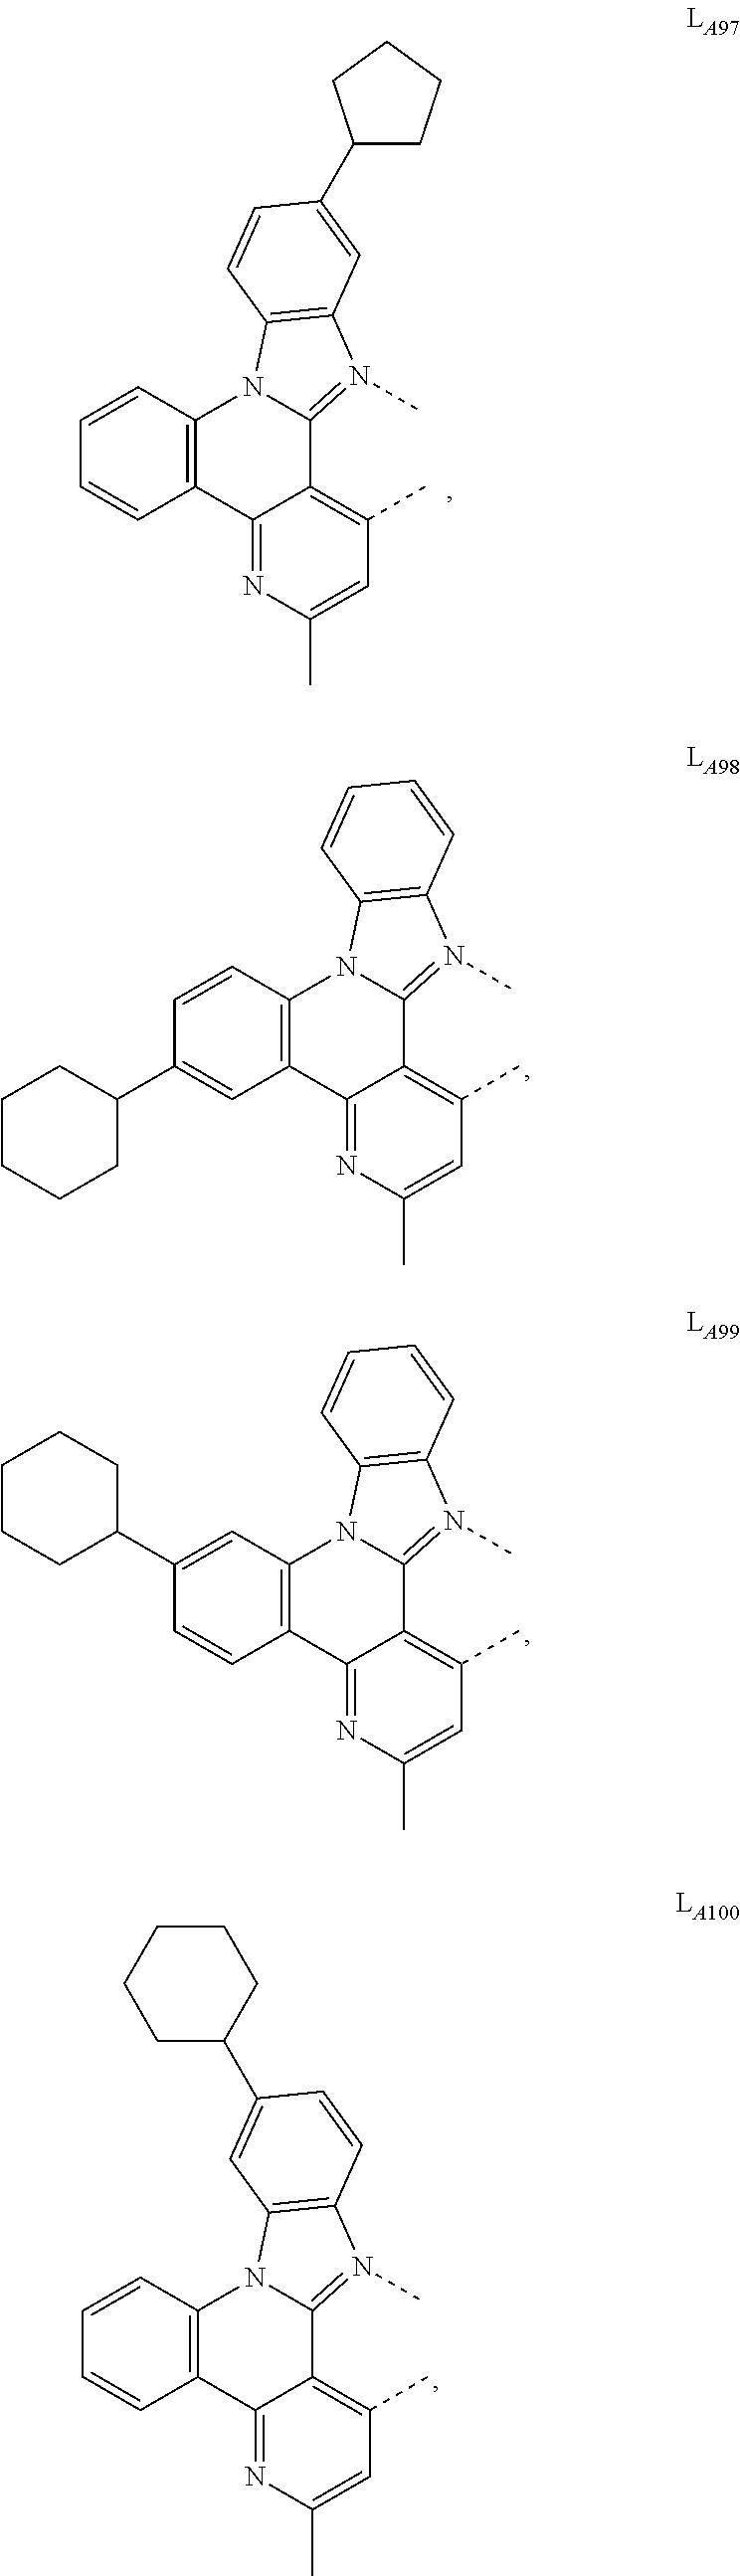 Figure US09905785-20180227-C00445